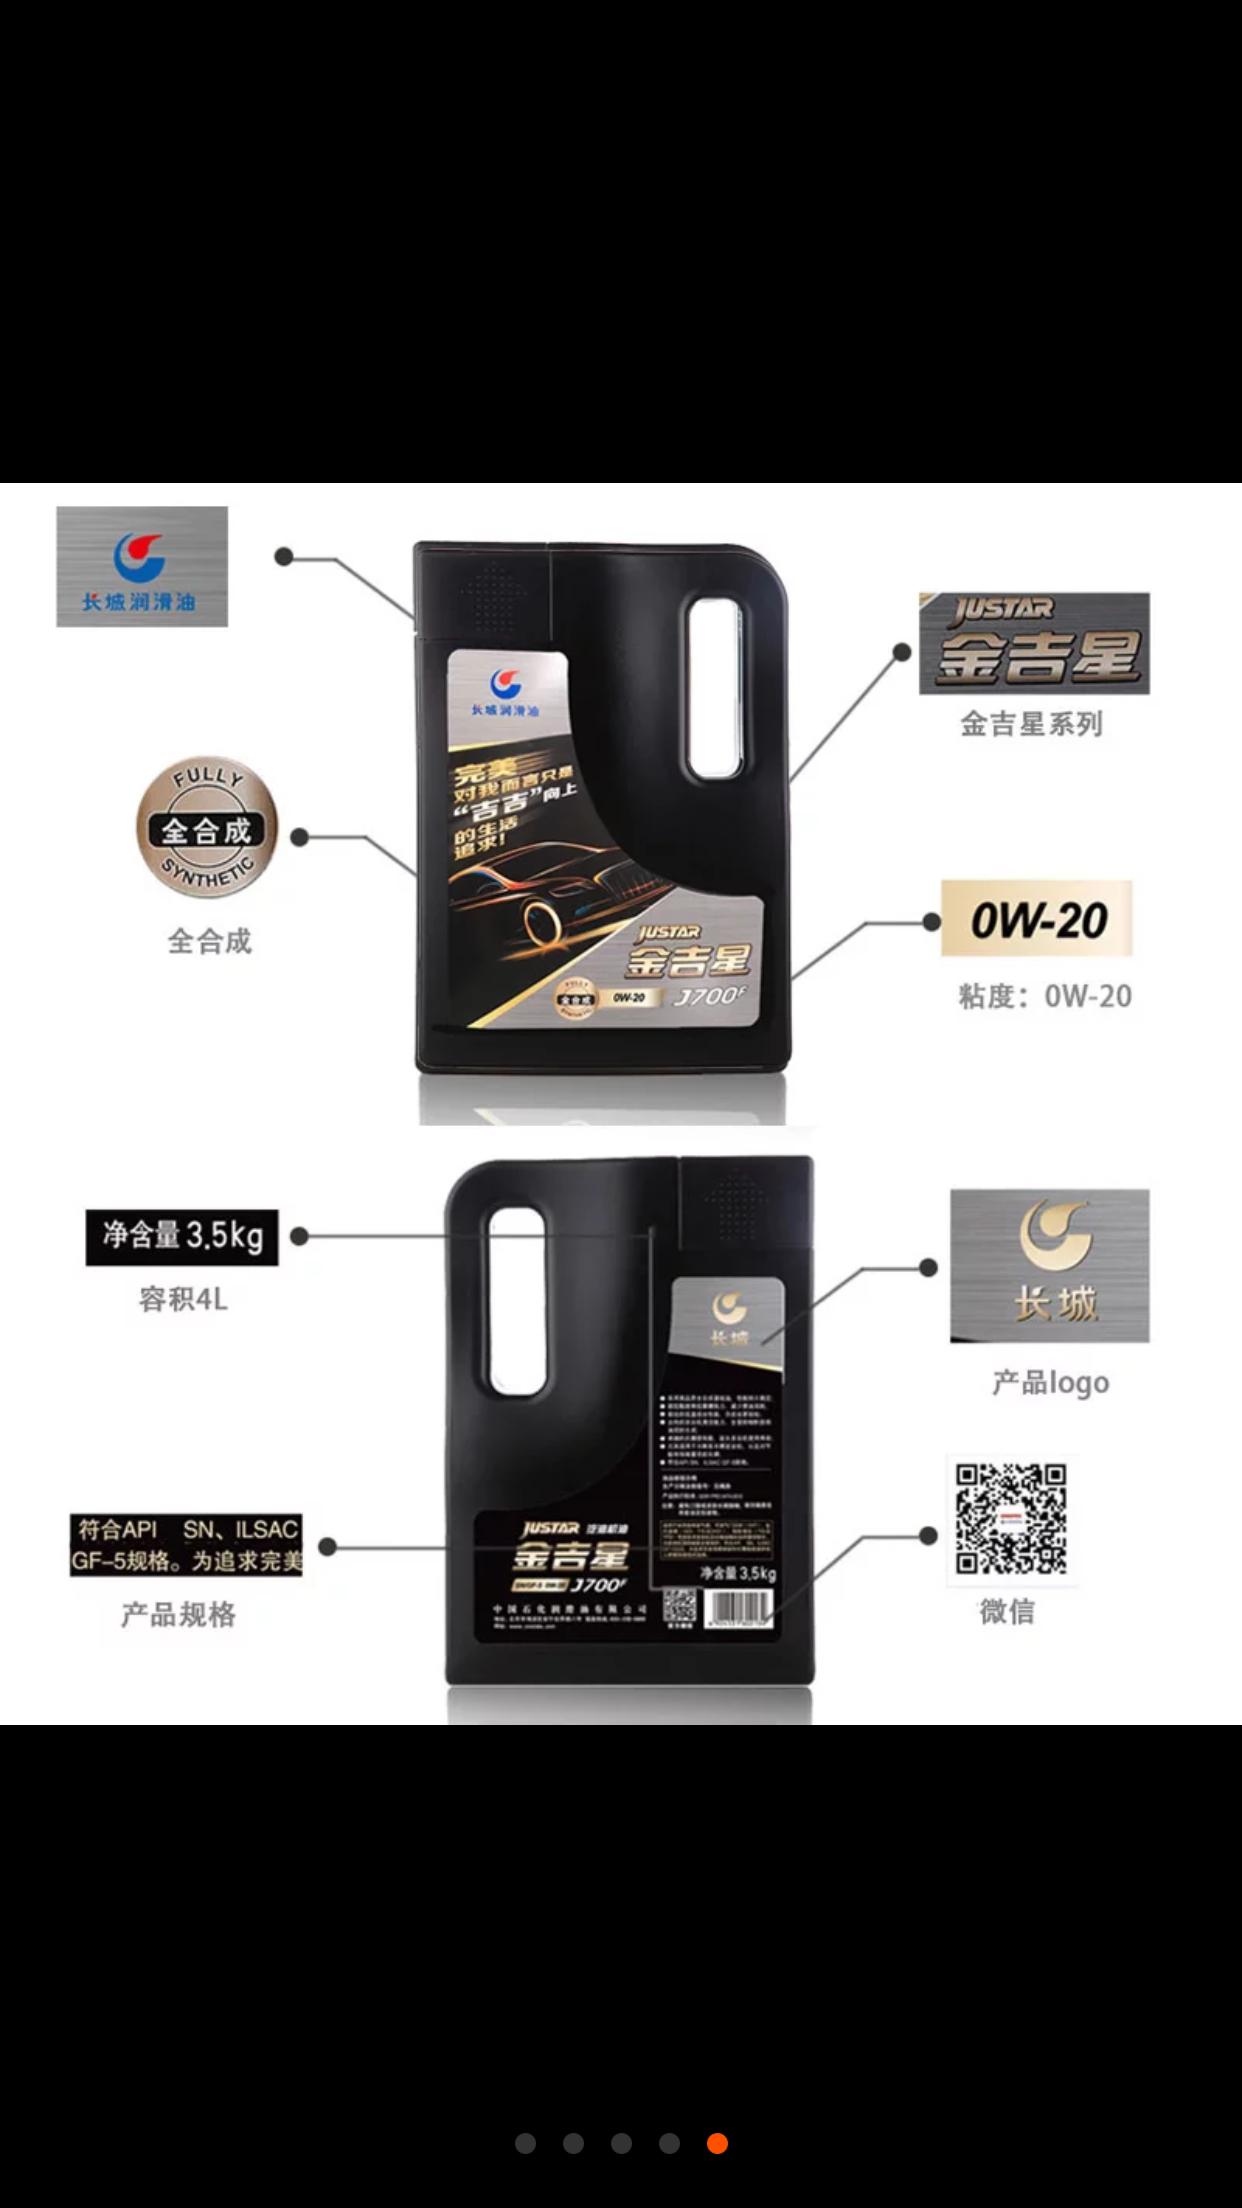 长城机油我么样 这个吉吉版本是什么意思 丰田逸致可以用吗?